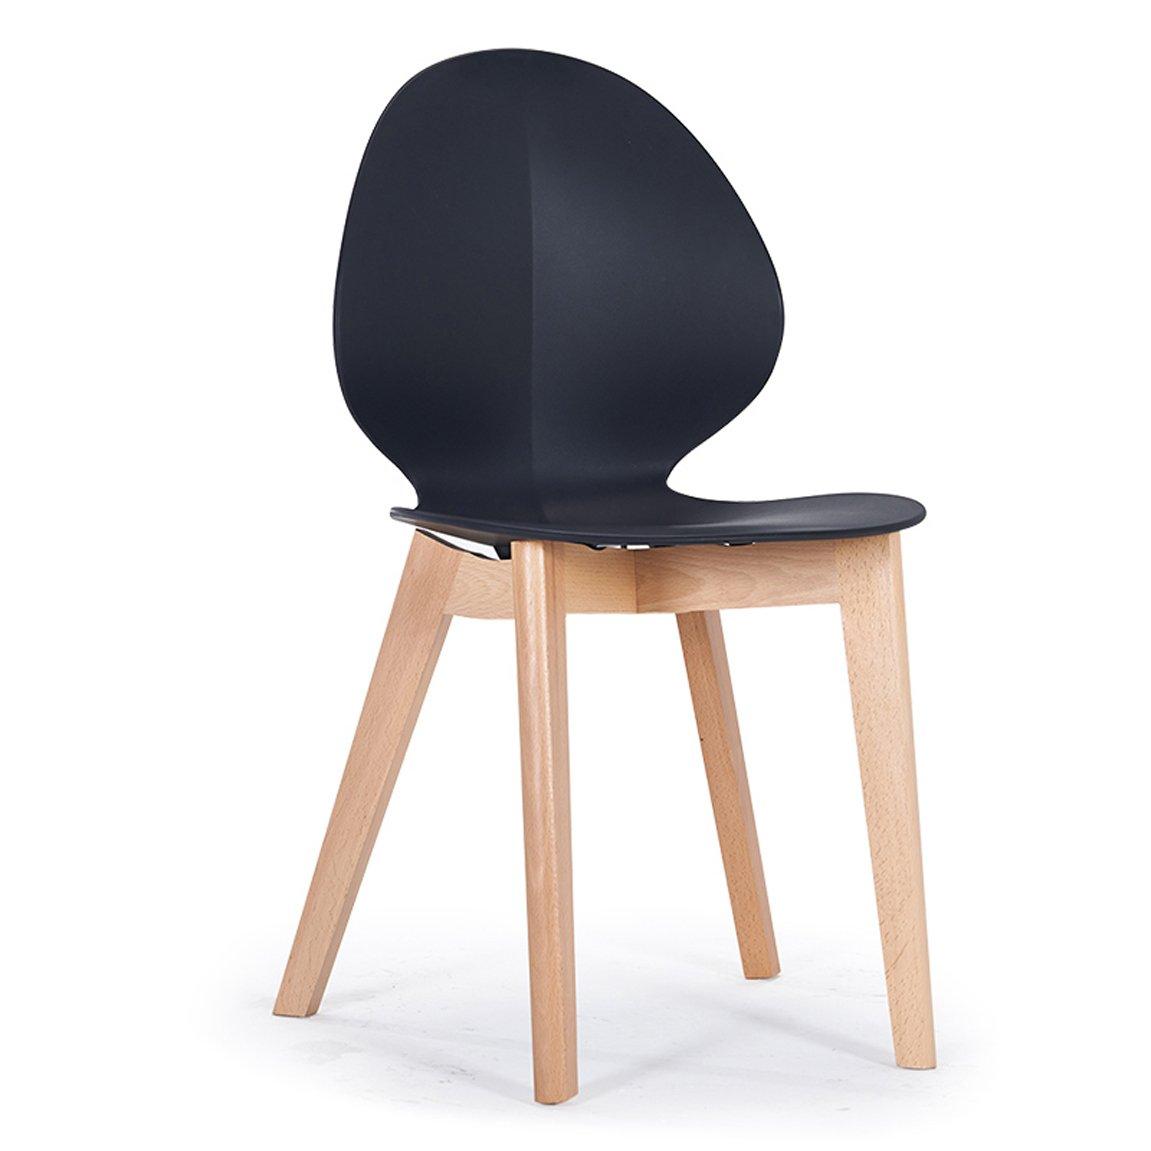 LRW 近代的なミニマリストダイニングチェアクリエイティブファッションカフェチェアコンビネーションプラスチックレストランの椅子 (Color : Black) B07FD3BMLV Black Black